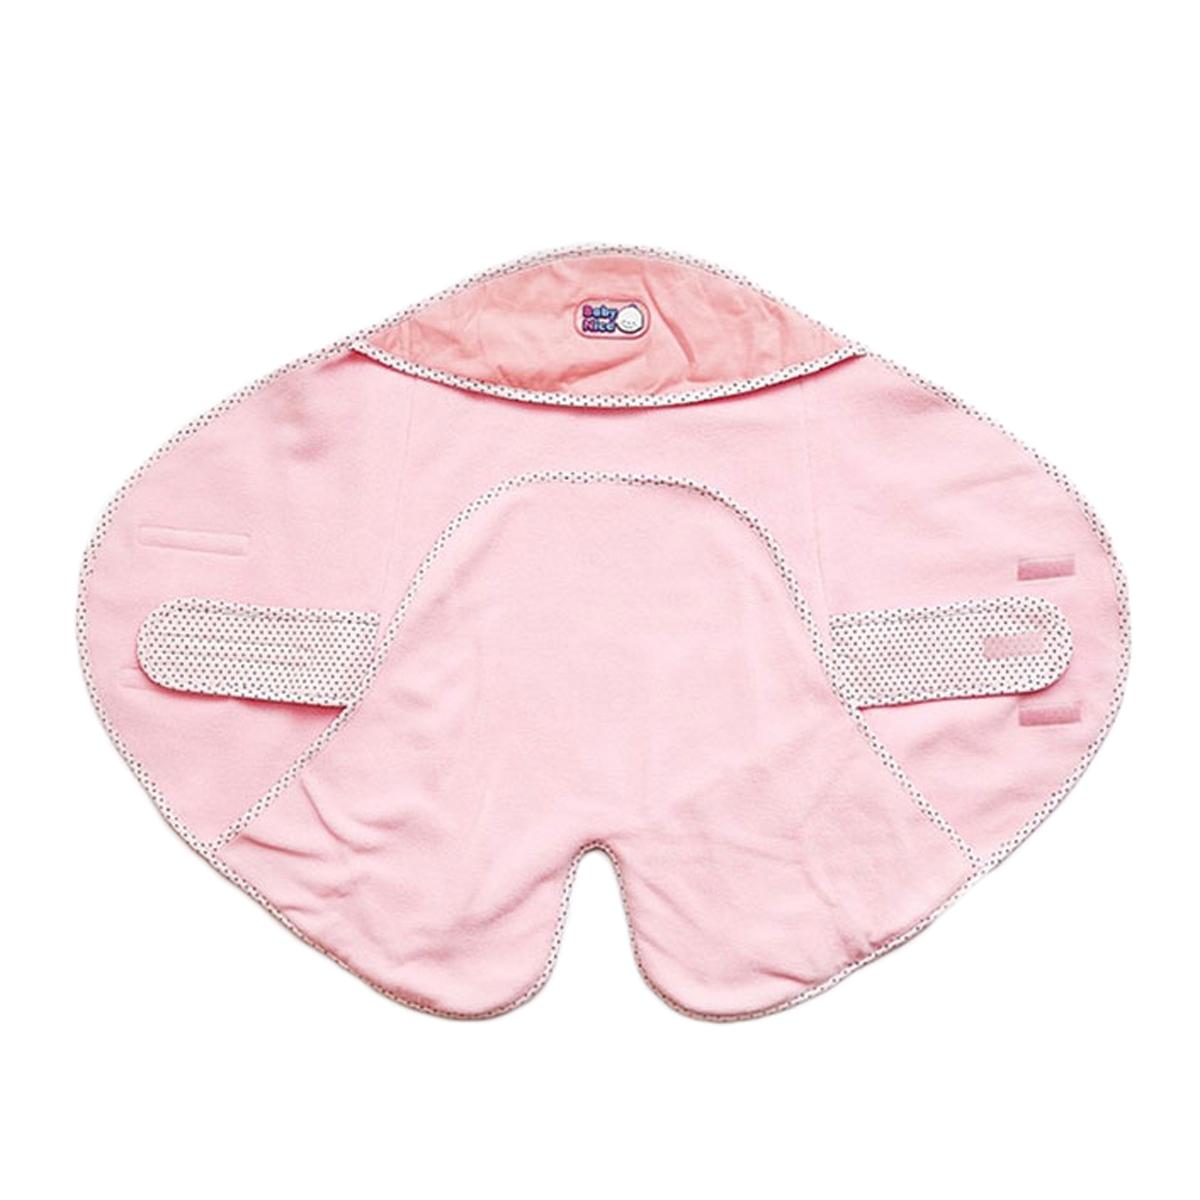 Спальный мешок для новорожденныхЕ115048Теплый и уютный конверт Baby Nice станет незаменимым предметом детского гардероба. Двухслойный конверт выполнен из мягкого и приятного на ощупь вельвета (100% хлопка) на подкладке из теплого мягкого флиса. Гипоаллергенный конверт максимально функционален в использовании, благодаря своей специально разработанной конструкции: внутри вшиты удобные тканевые крепления на липучке, которые обхватывают ребенка, надежно фиксируют на его поясе конверт, обеспечивая плотное прилегание. Карманы для ног внутри позволяют вашему малышу всегда держать ножки в тепле. Также предусмотрен капюшон, которым можно воспользоваться в случае необходимости или в ветреную погоду. Благодаря липучкам можно регулировать ширину конверта. Оформлено изделие контрастными бейками, украшенными гороховым принтом, а также оригинальной нашивкой с названием бренда. Такой конверт - очень комфортная одежда для младенца при любых погодных условиях.